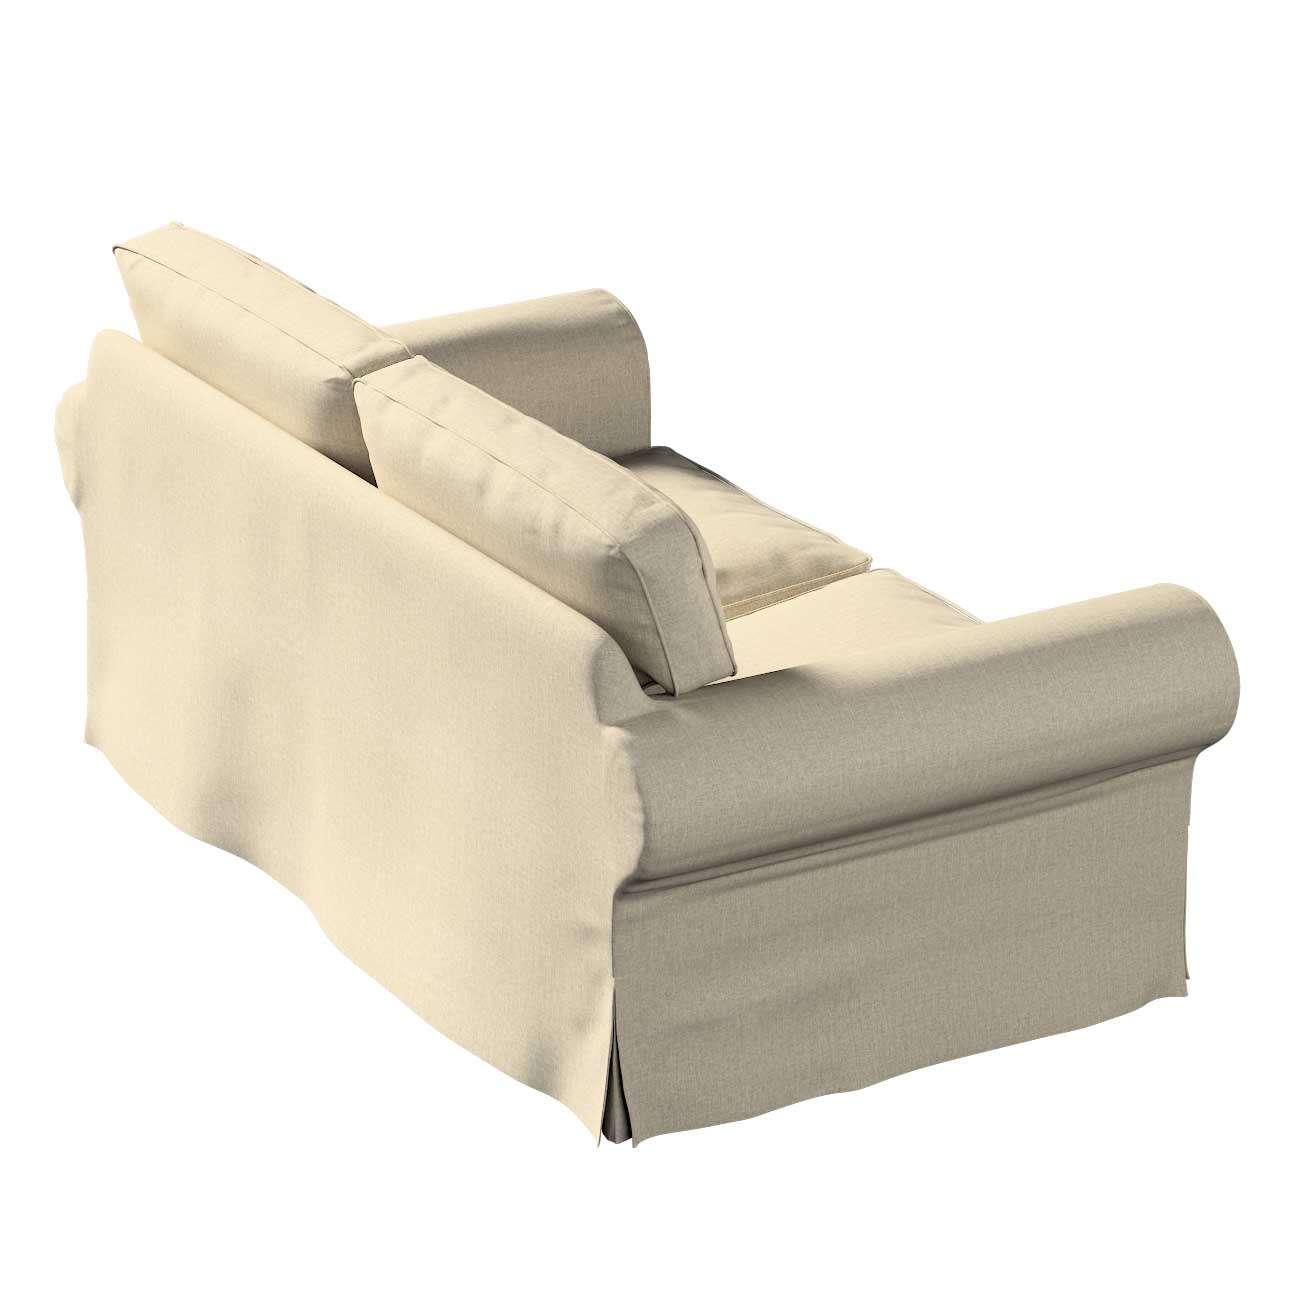 Pokrowiec na sofę Ektorp 2-osobową rozkładaną, model po 2012 w kolekcji City, tkanina: 704-80